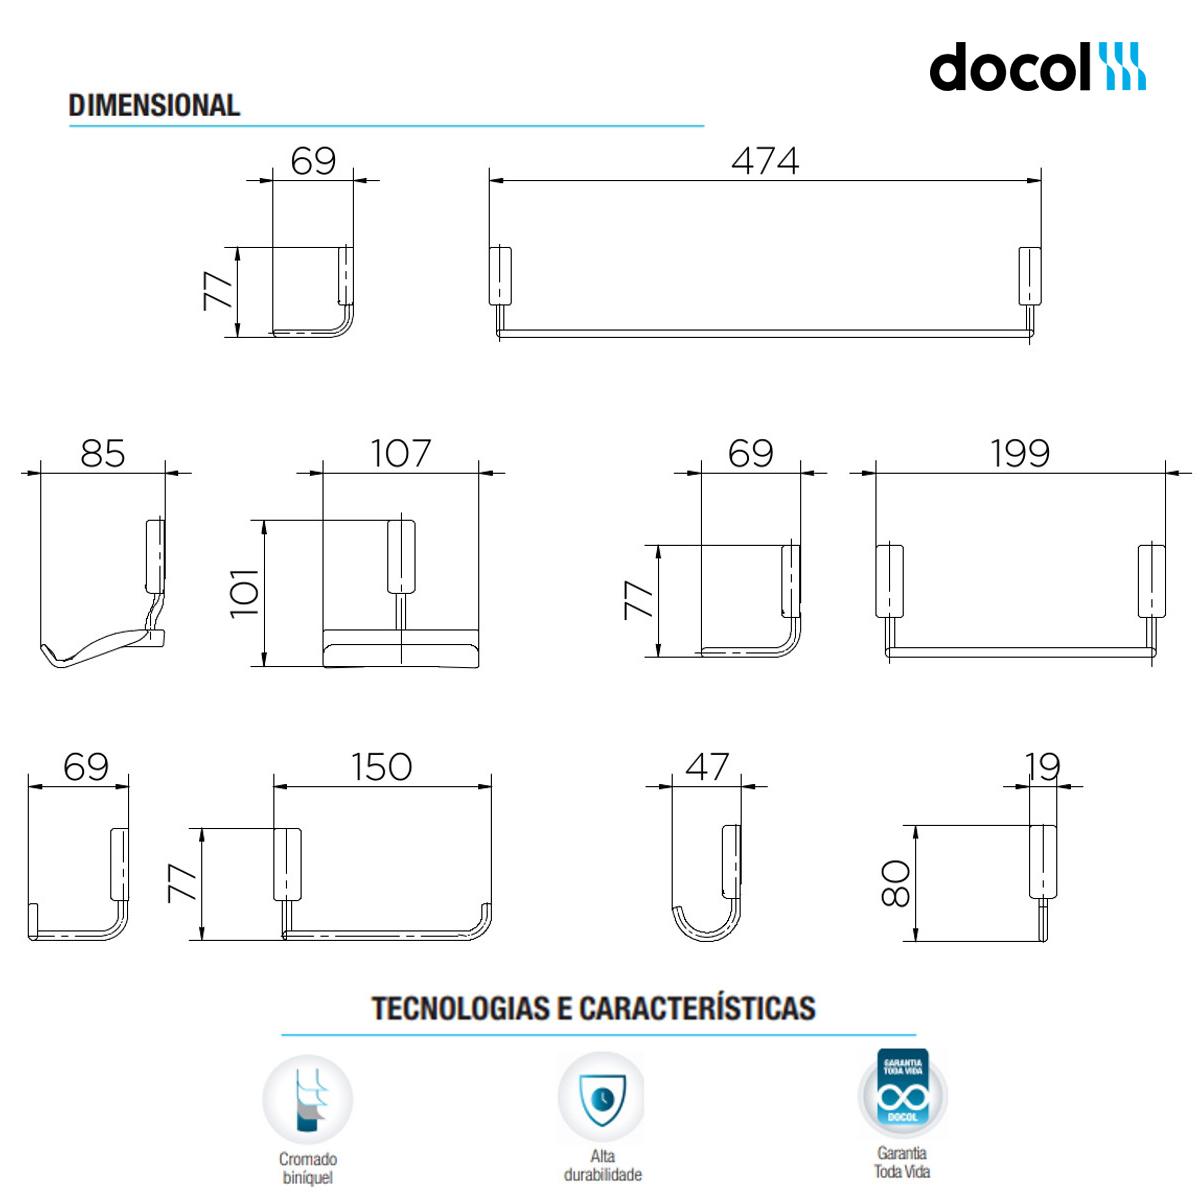 Kit de Acessórios Completo Para Banheiro Idea Docol 5 peças